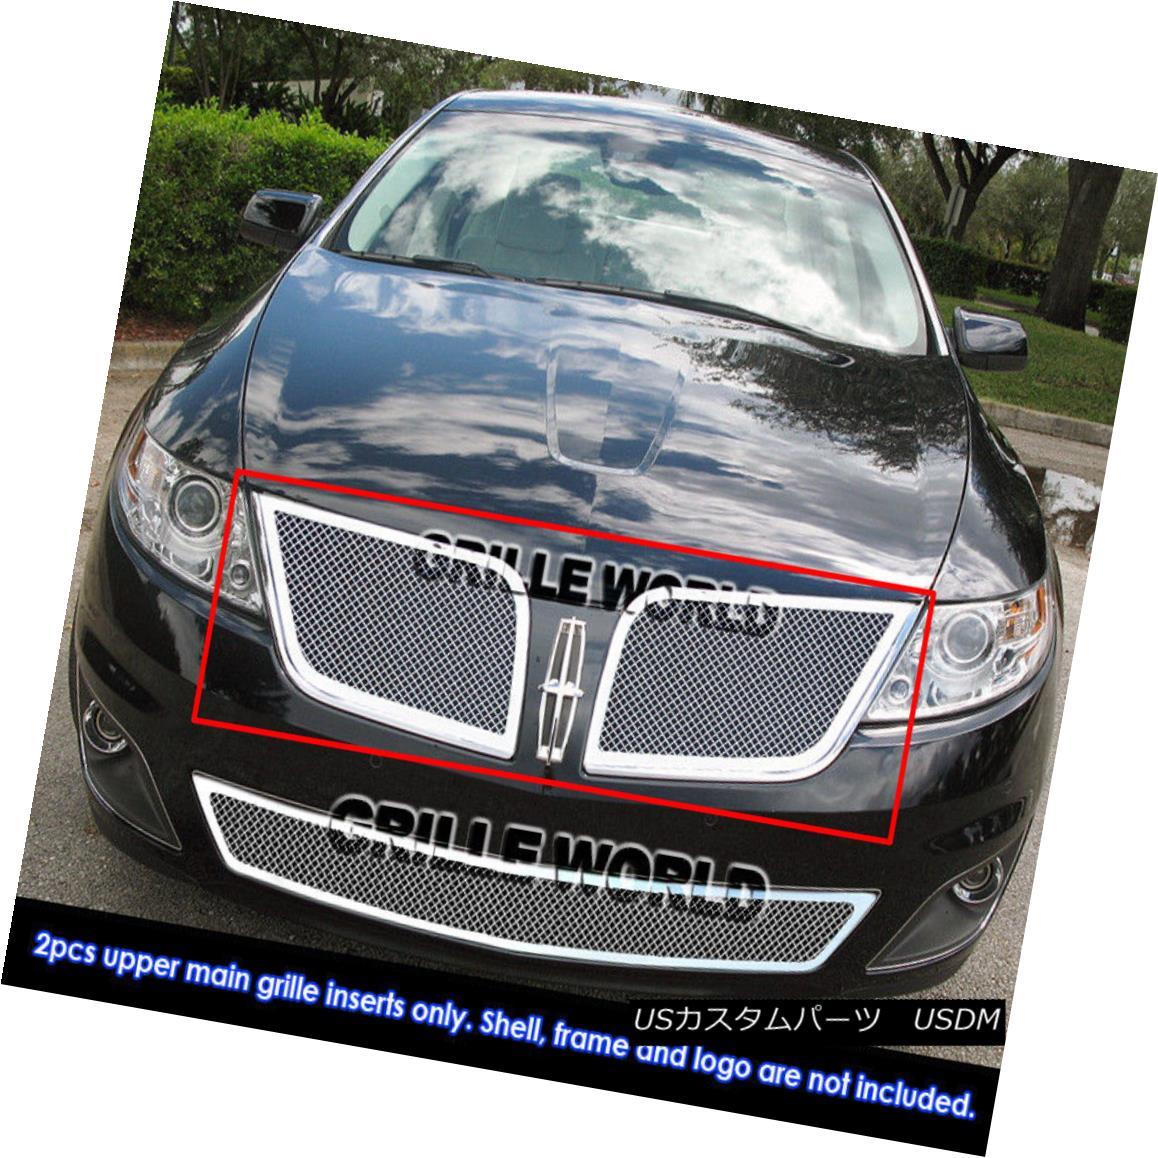 グリル For 09-10 Lincoln MKS Stainless Steel Mesh Grille Insert 09-10リンカーンMKSステンレスメッシュグリルインサート